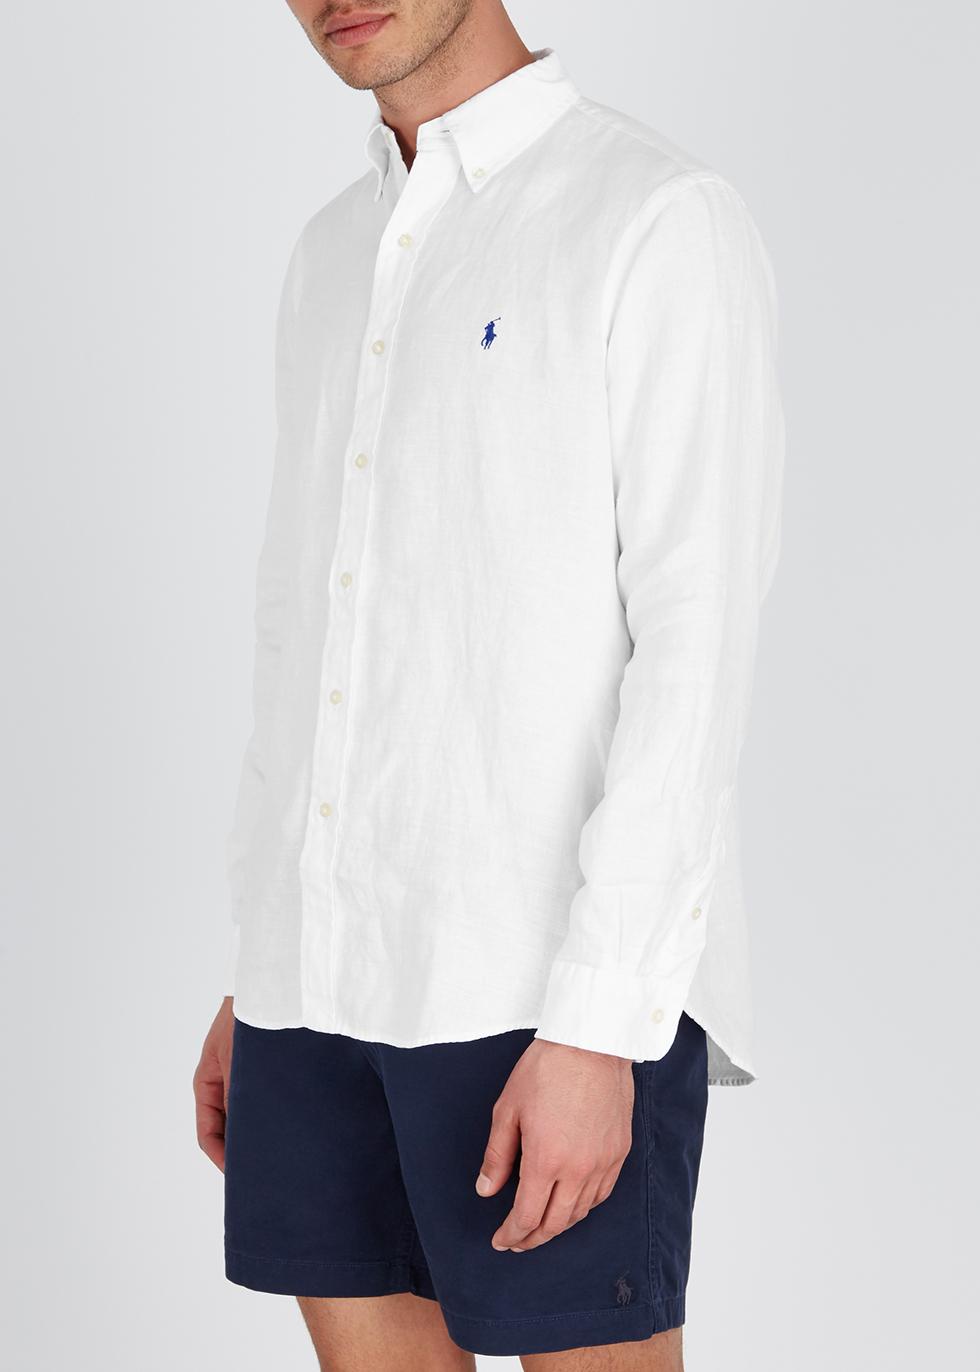 White custom linen shirt - Polo Ralph Lauren